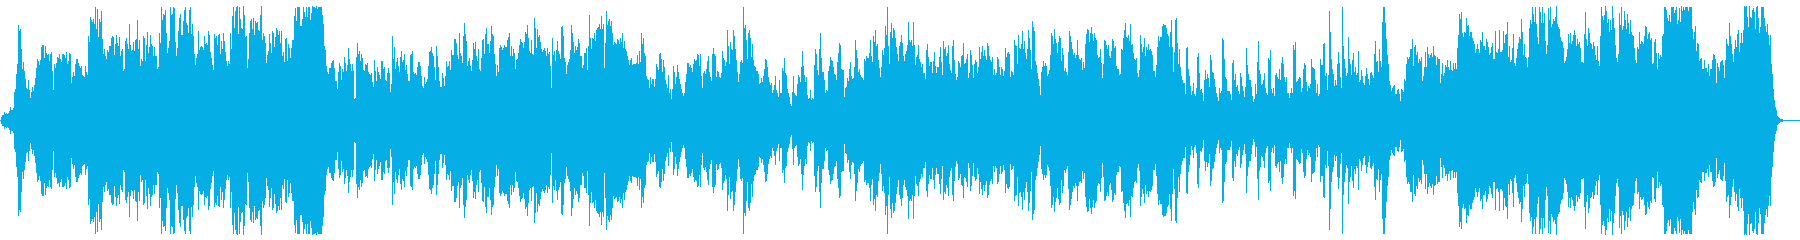 ハリウッド風ファンファーレとマーチ:Bの再生済みの波形